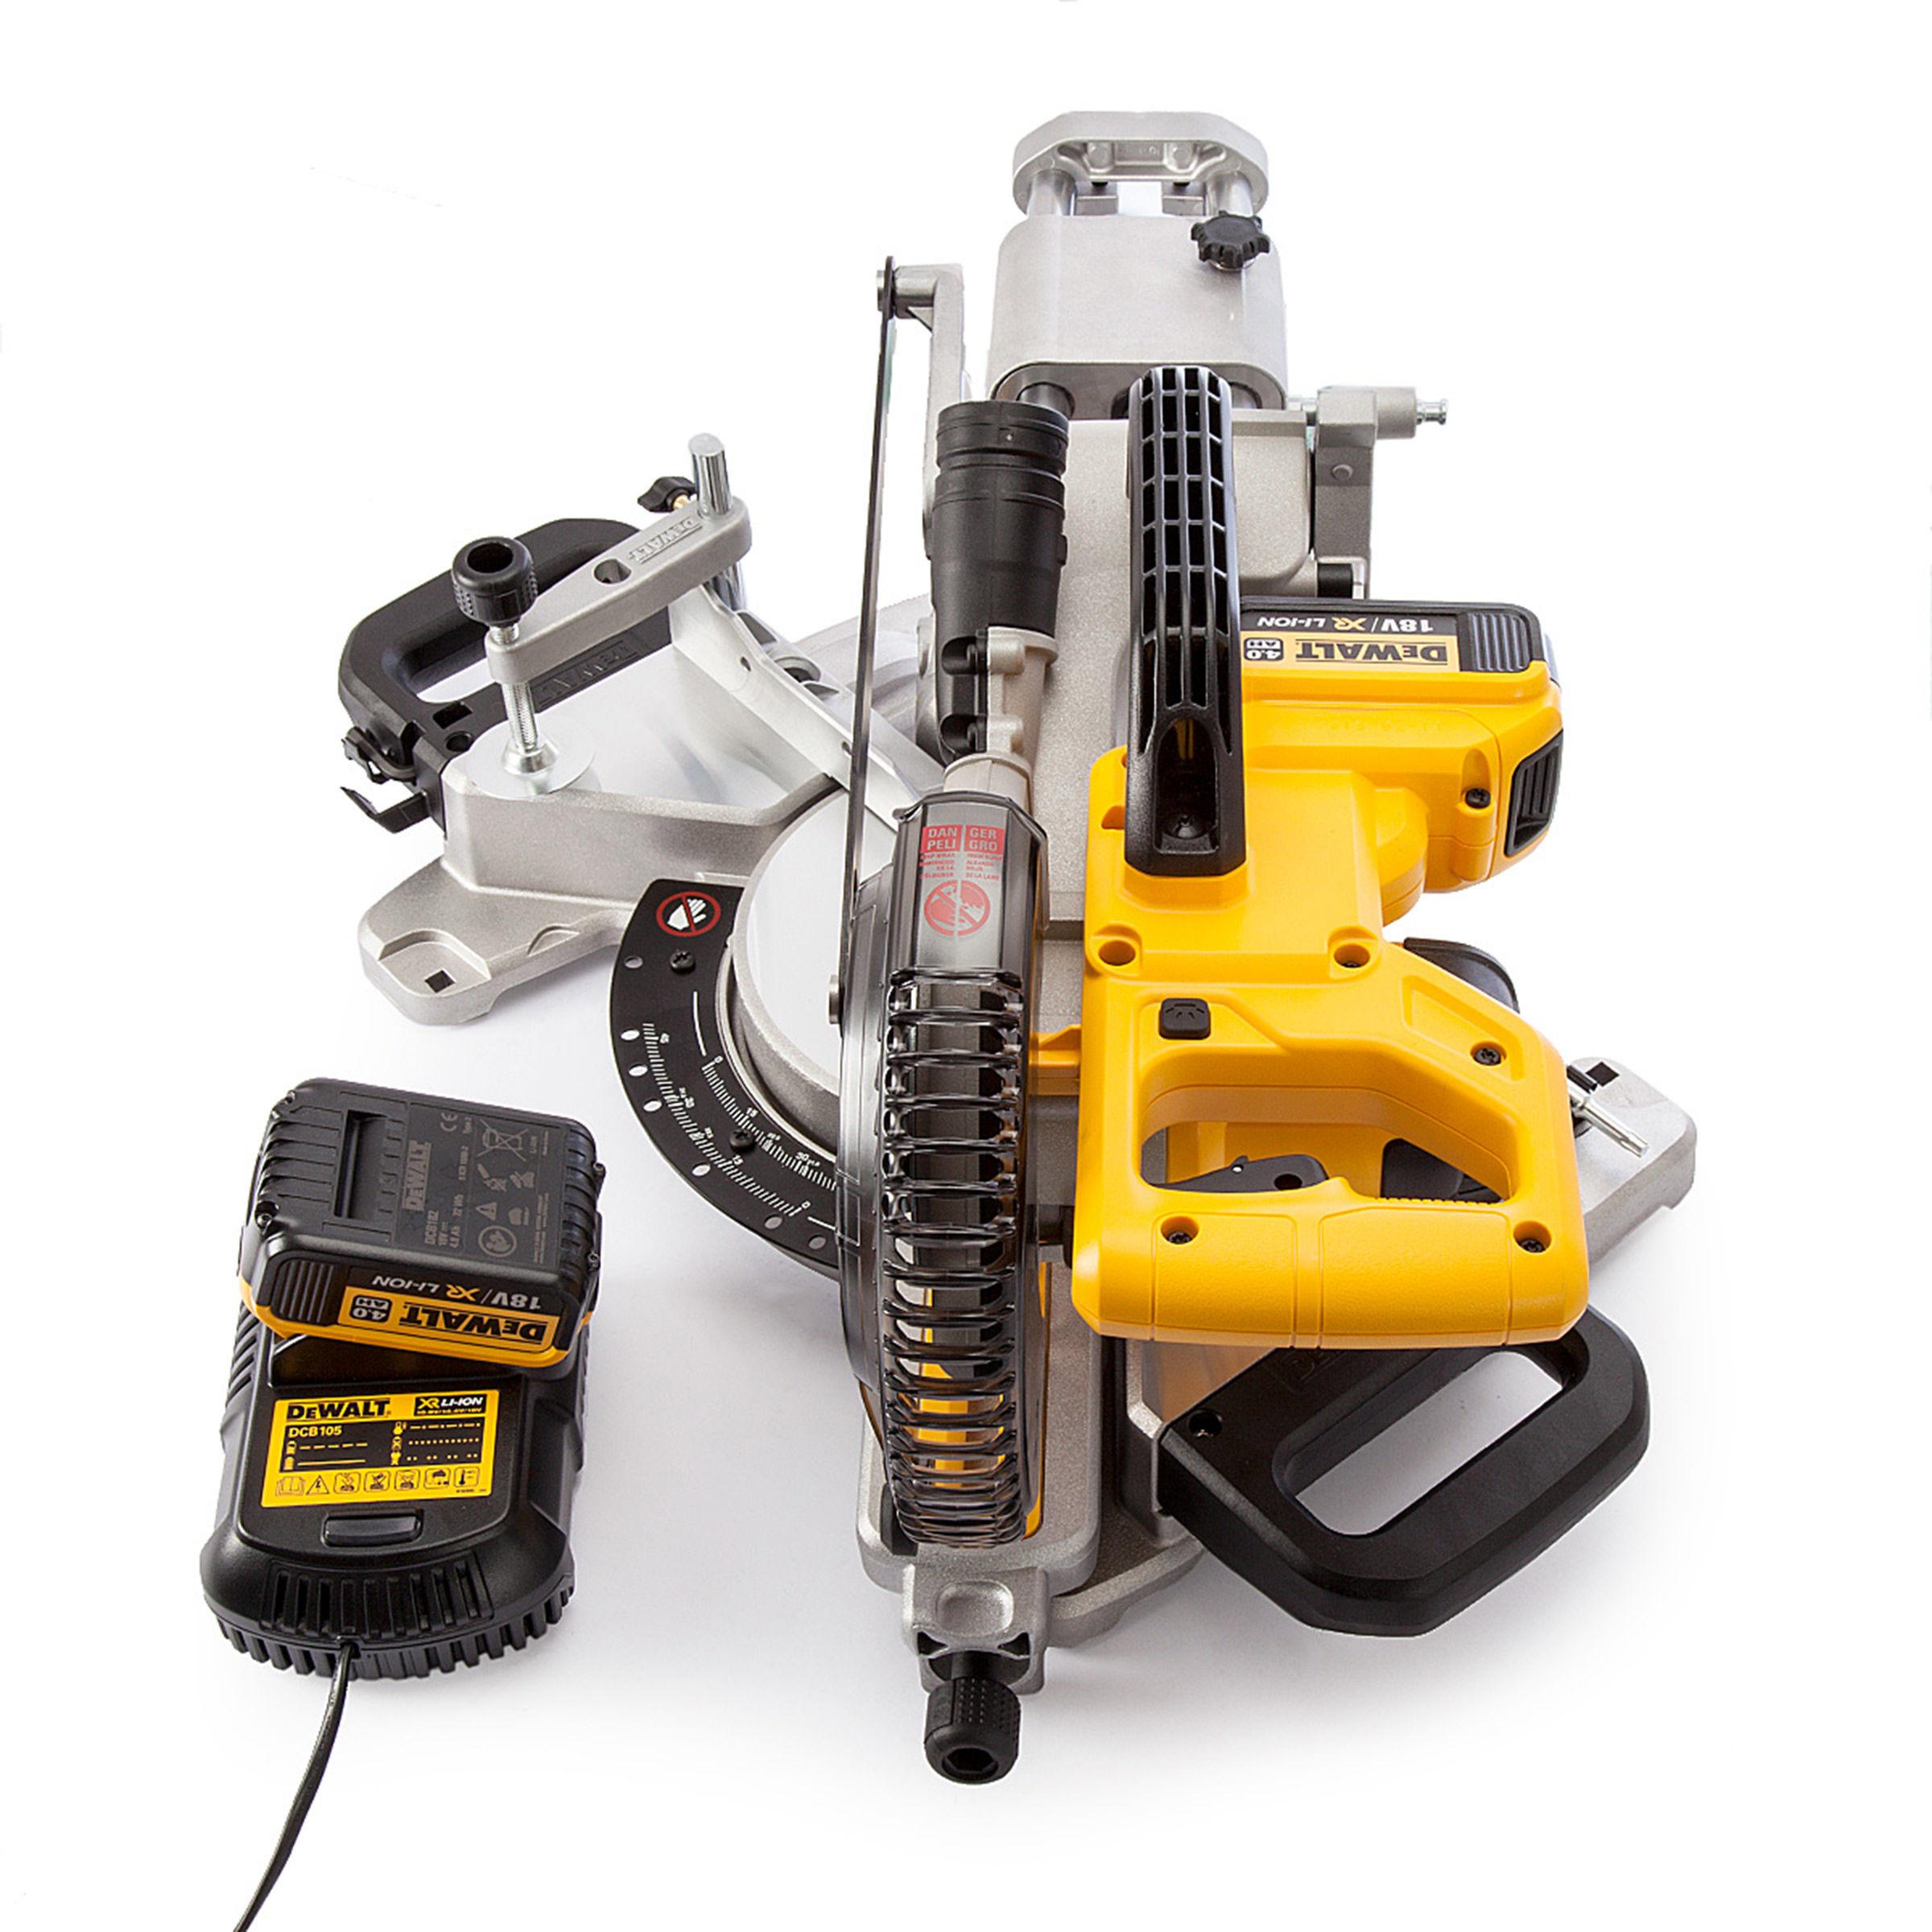 toolstop dewalt dcs365m2 mitre saw 18v cordless 184mm 2 x 4ah batteries. Black Bedroom Furniture Sets. Home Design Ideas